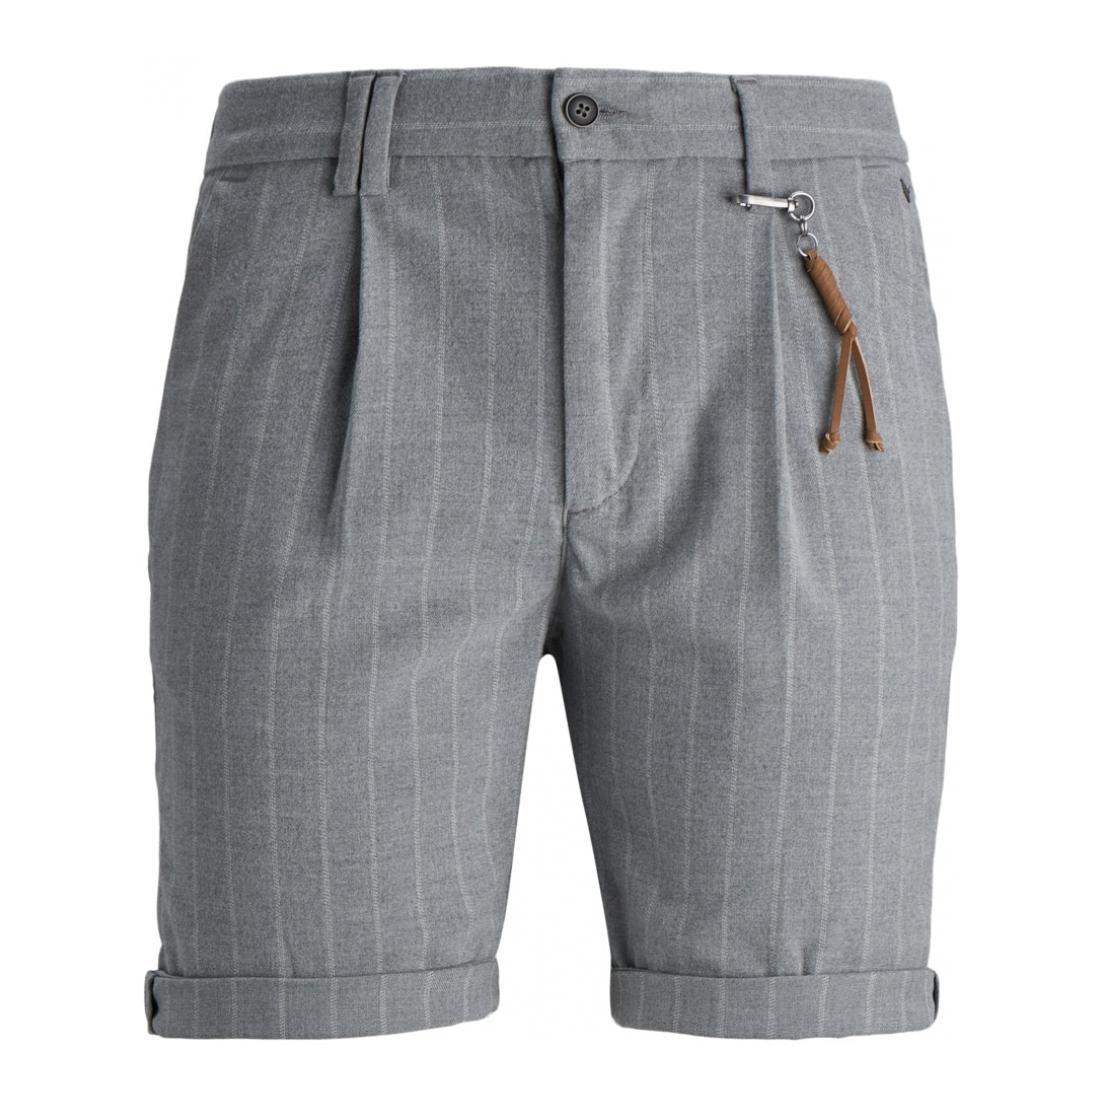 Jack & Jones Bermuda/Shorts Herren JJIMILTON JJCHINO SHORTS